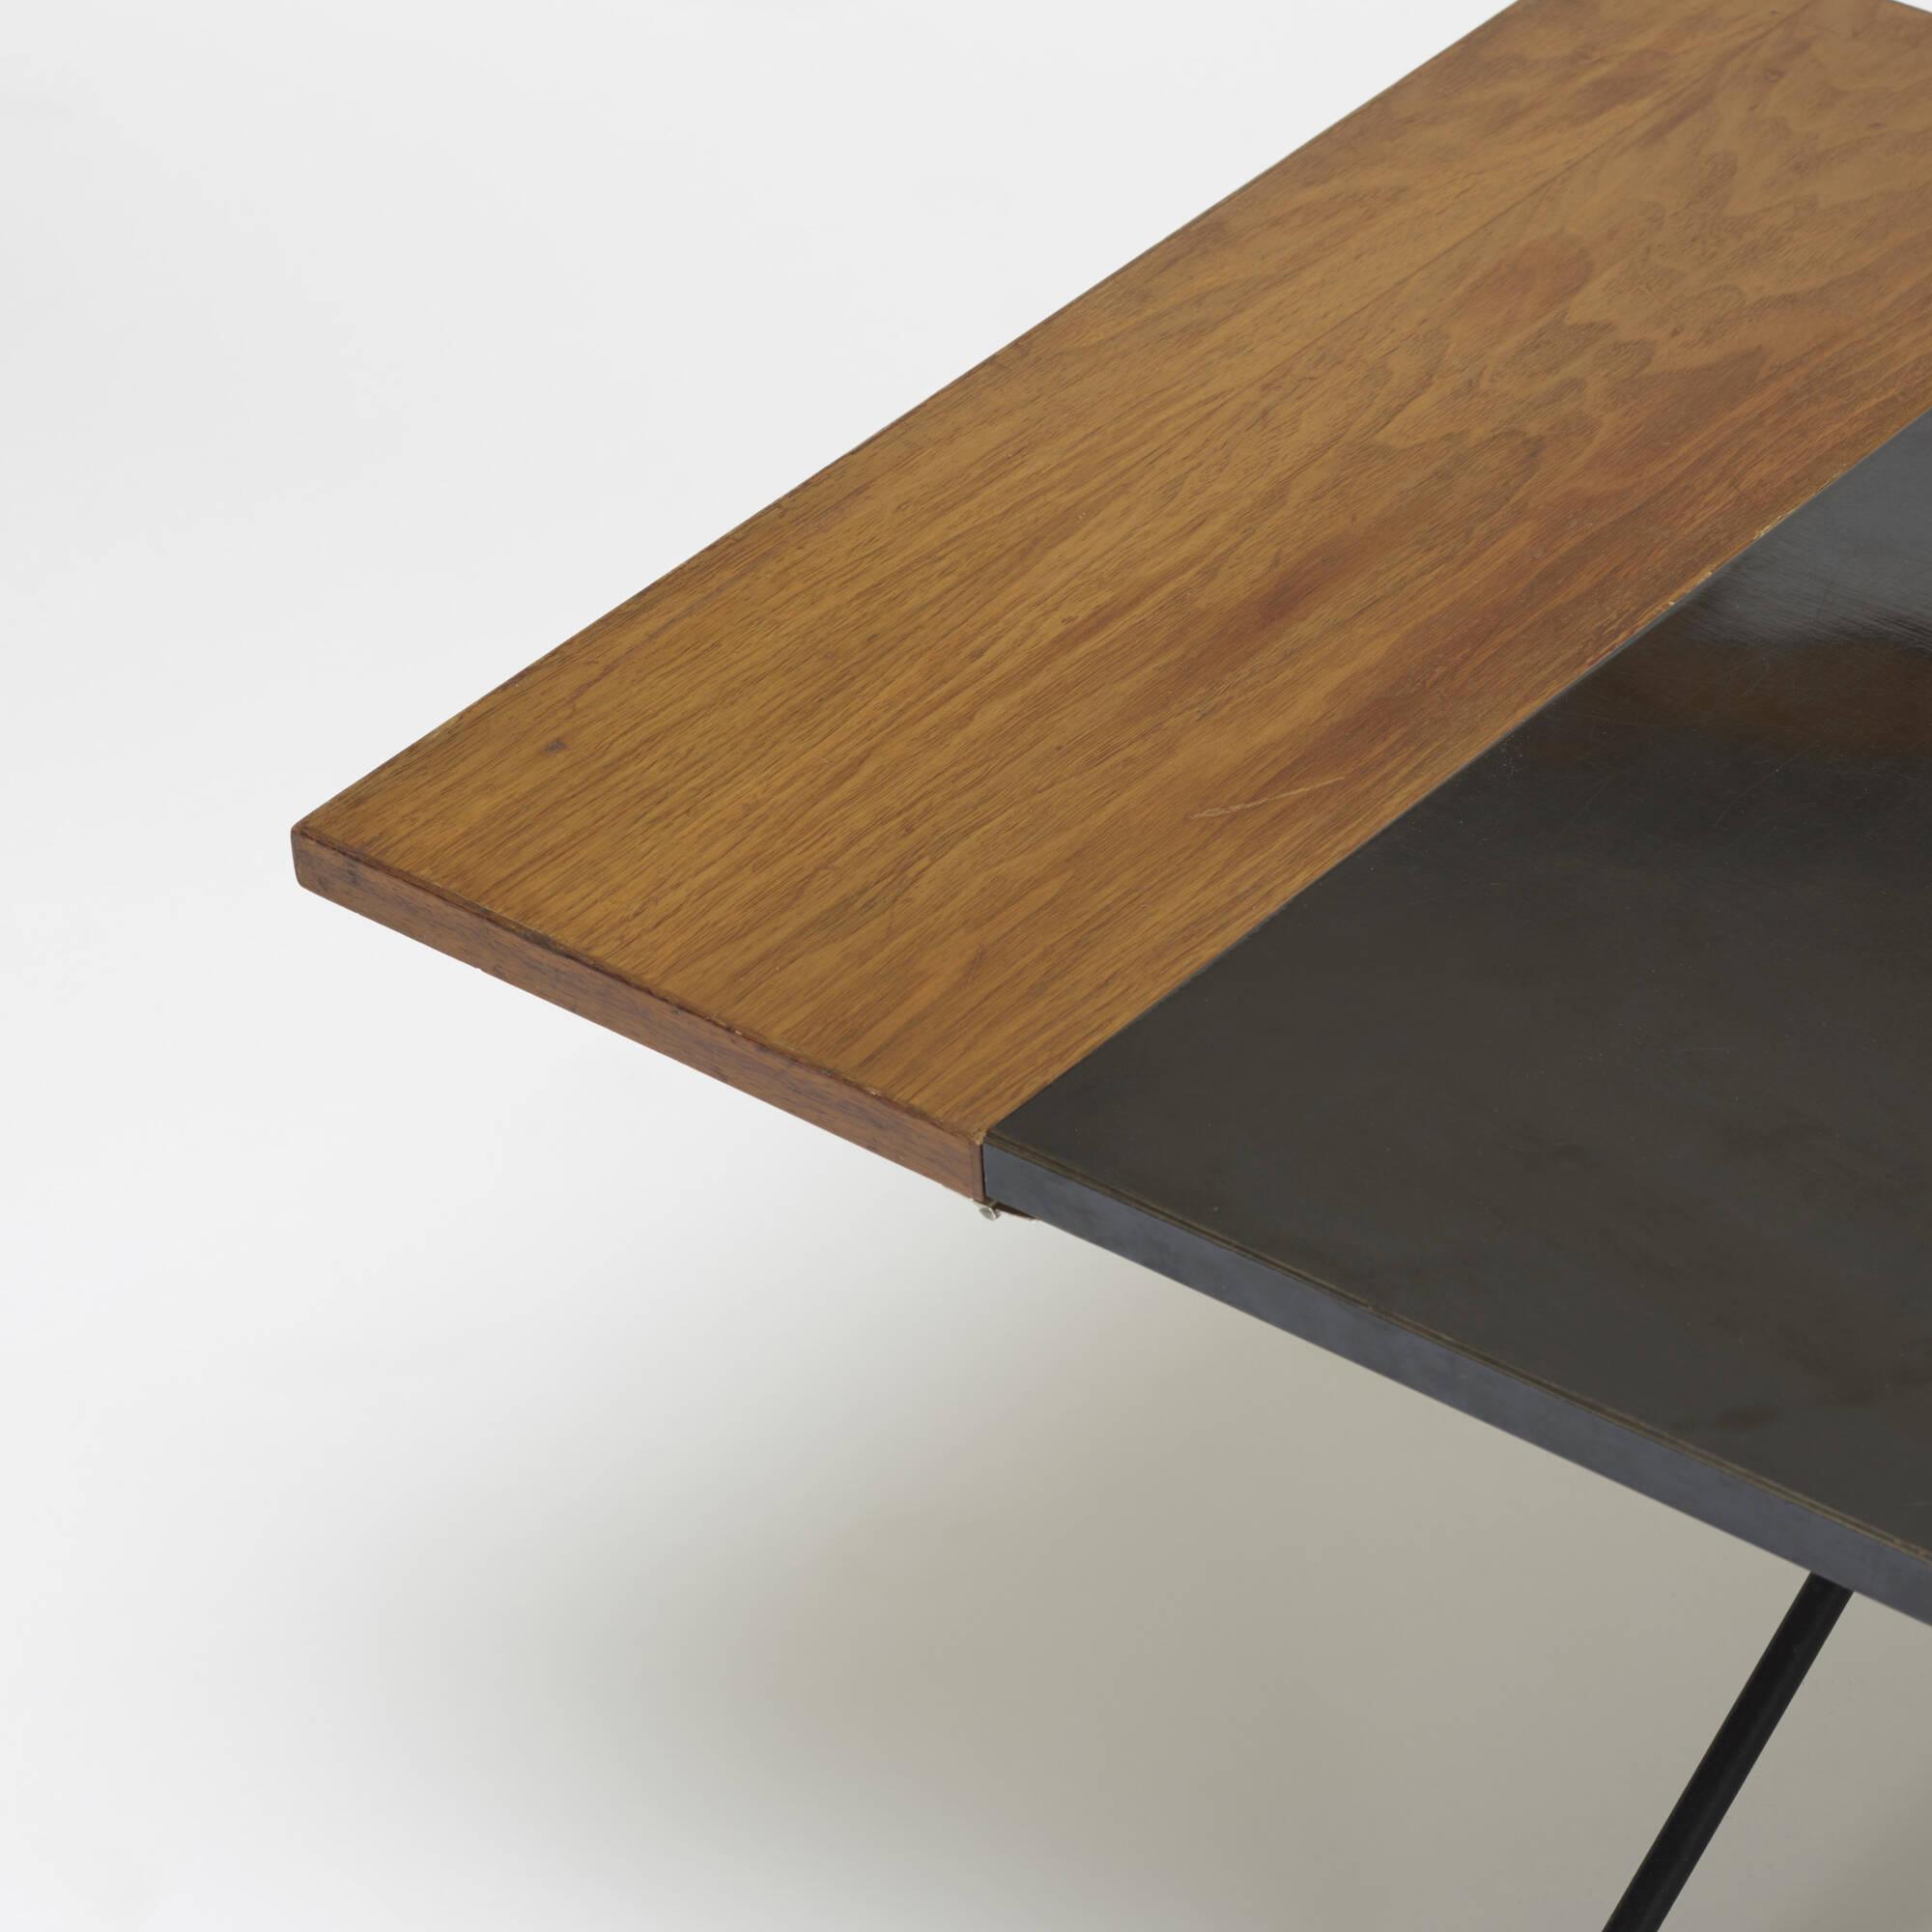 354: Greta Magnusson Grossman / drop-leaf coffee table (3 of 3)